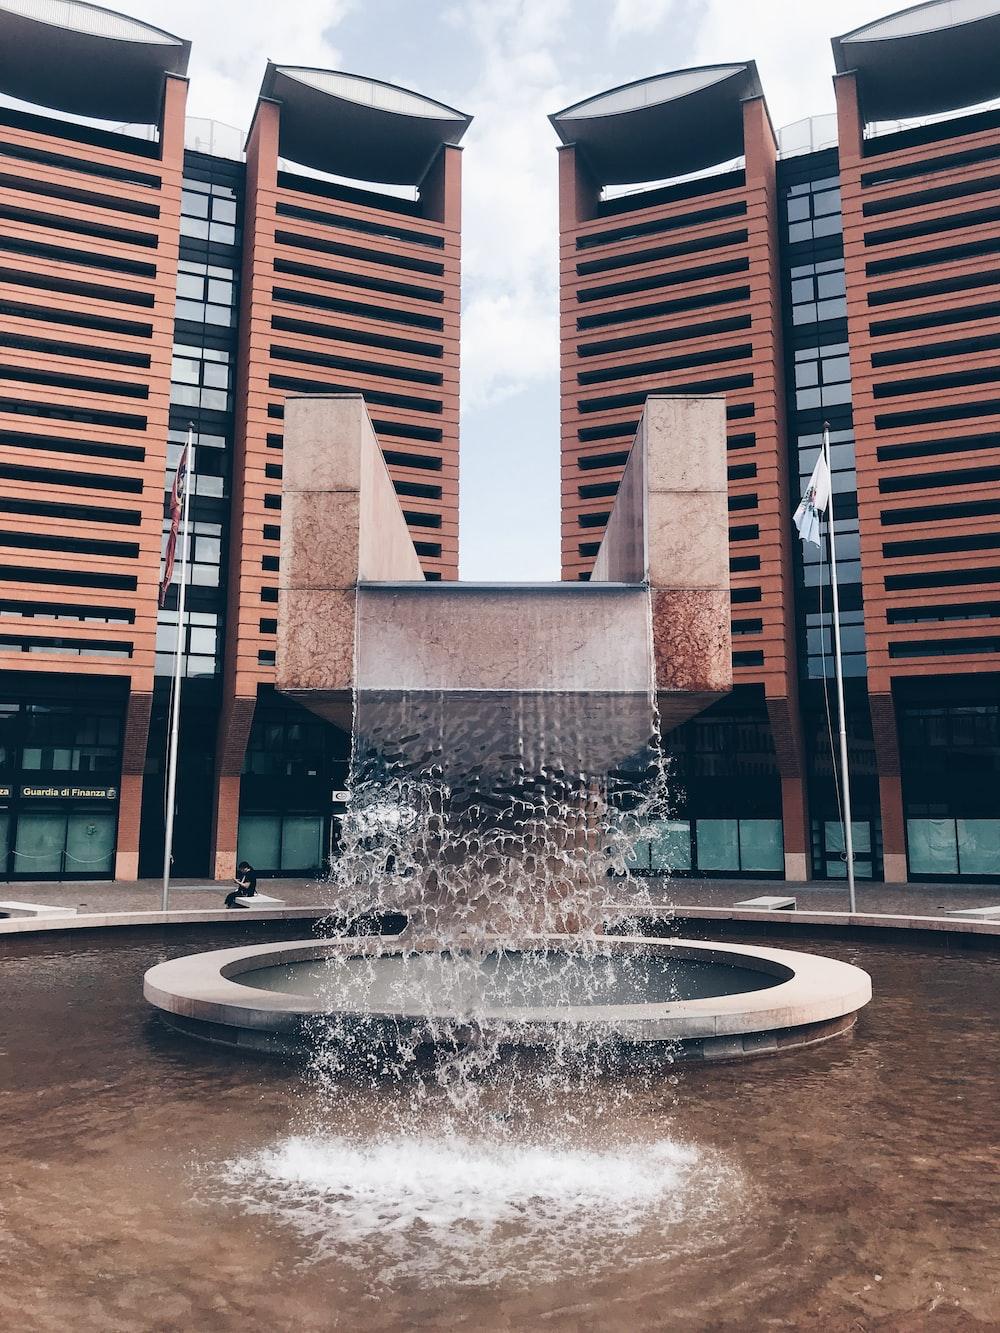 fountain near building